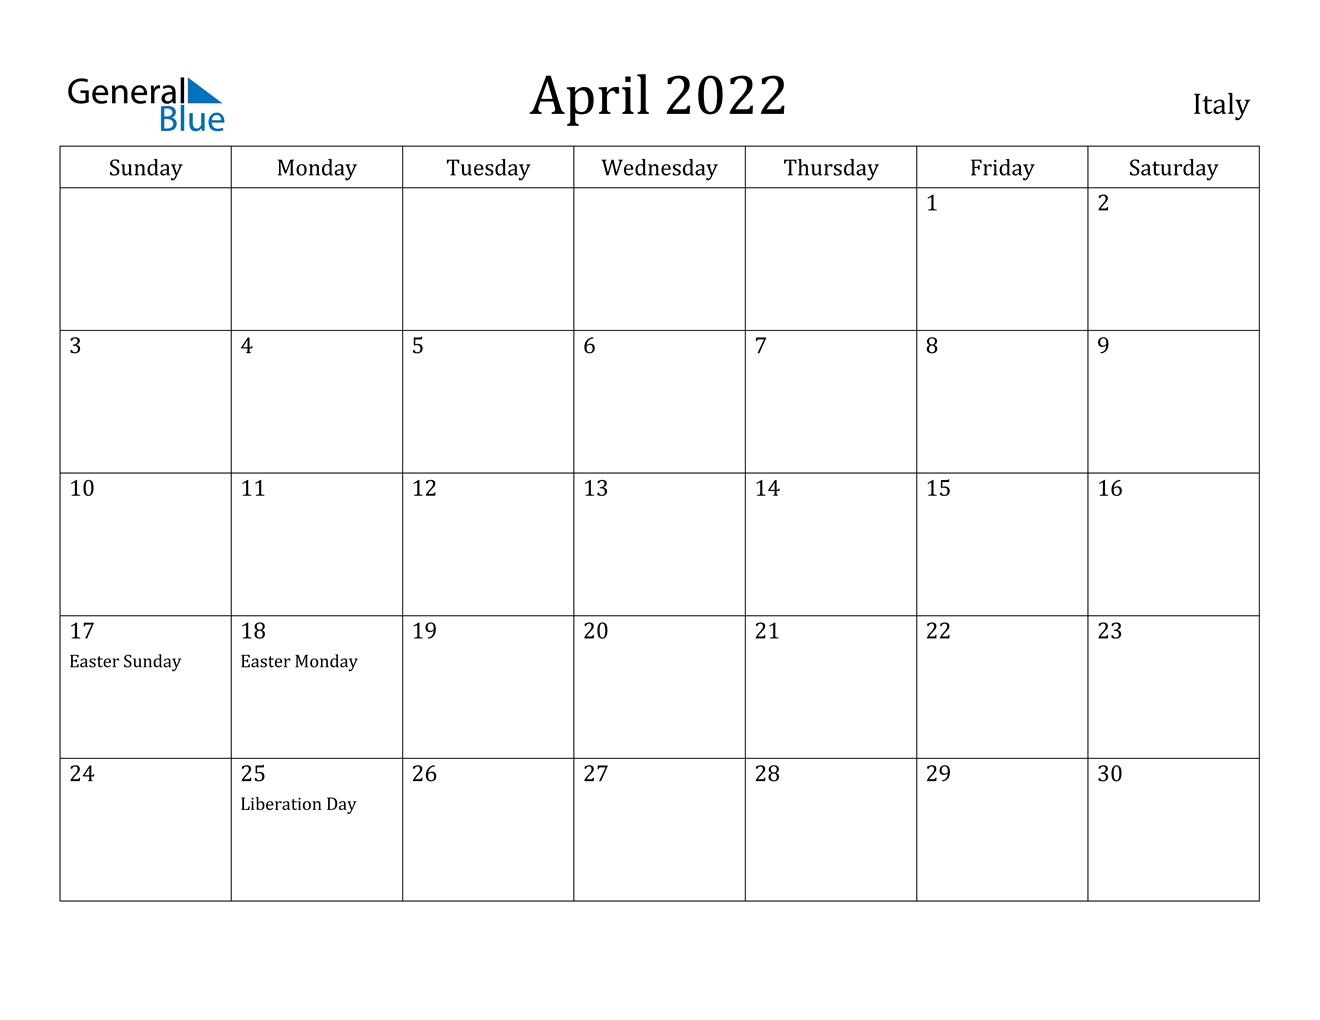 April 2022 Calendar - Italy pertaining to Print Calendar April 2022 Photo